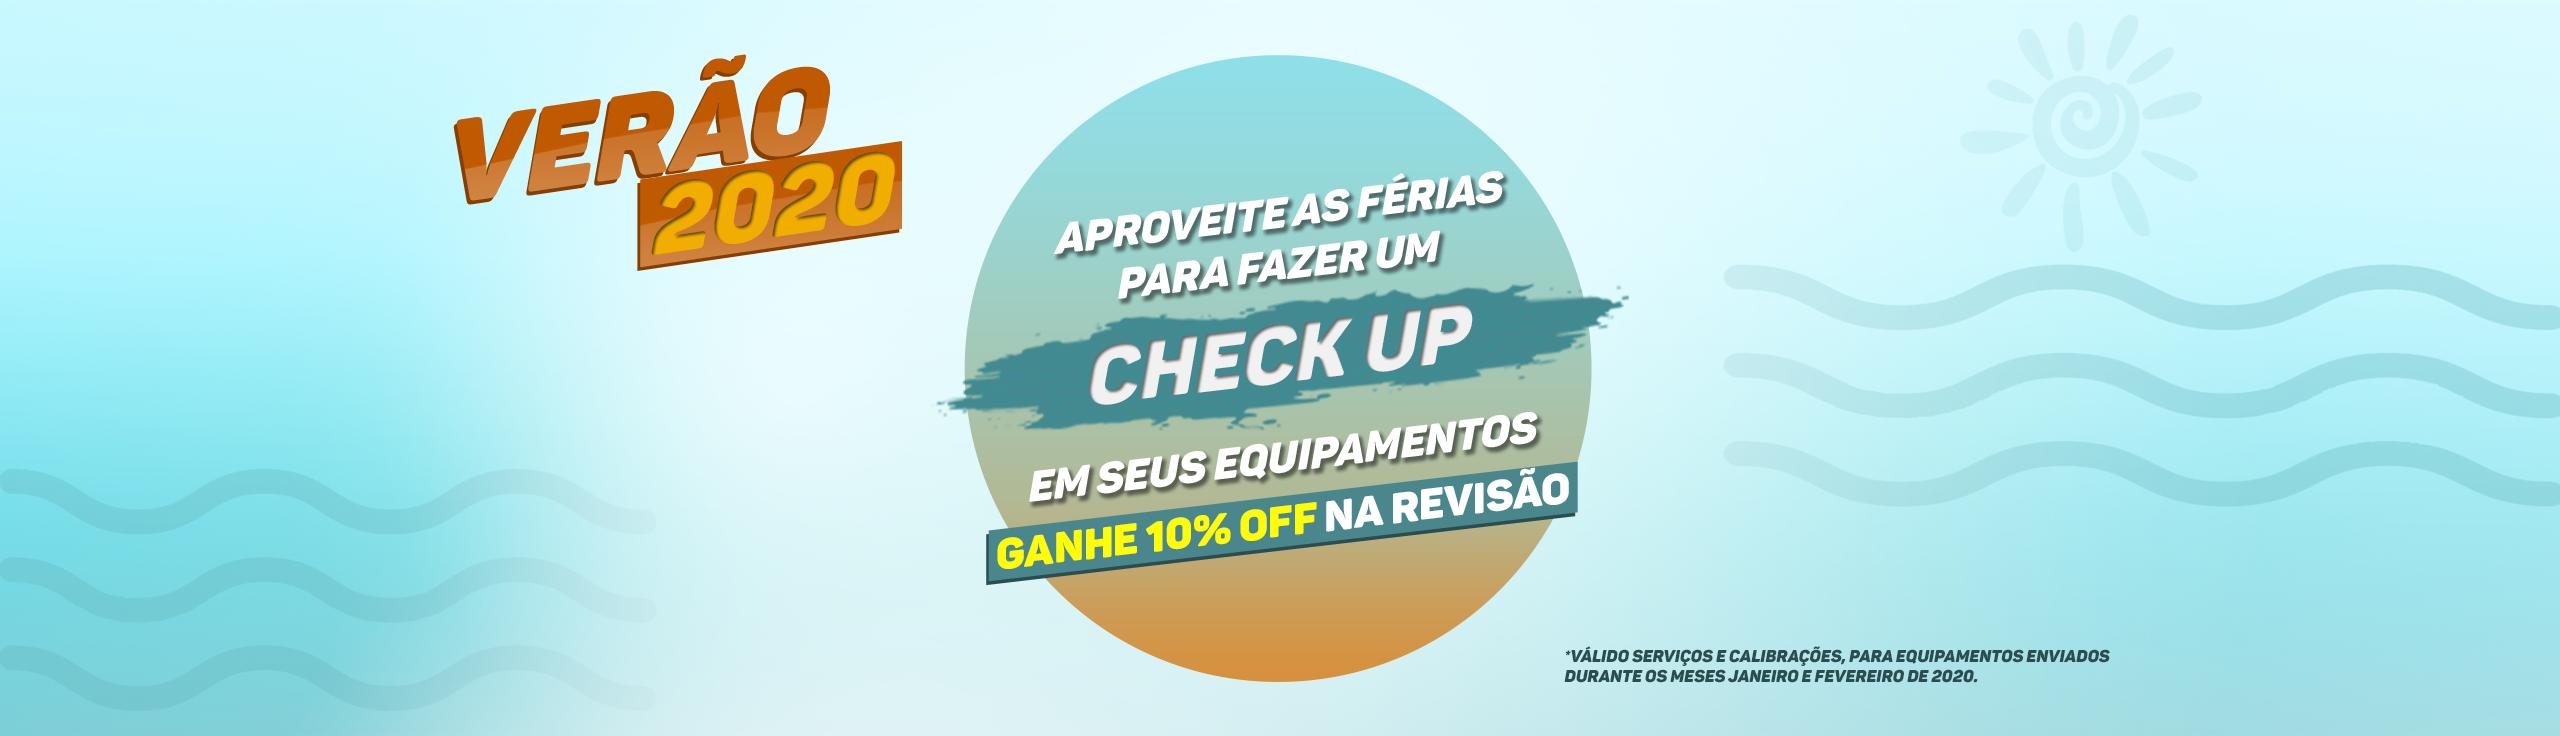 Janeiro - Check-up